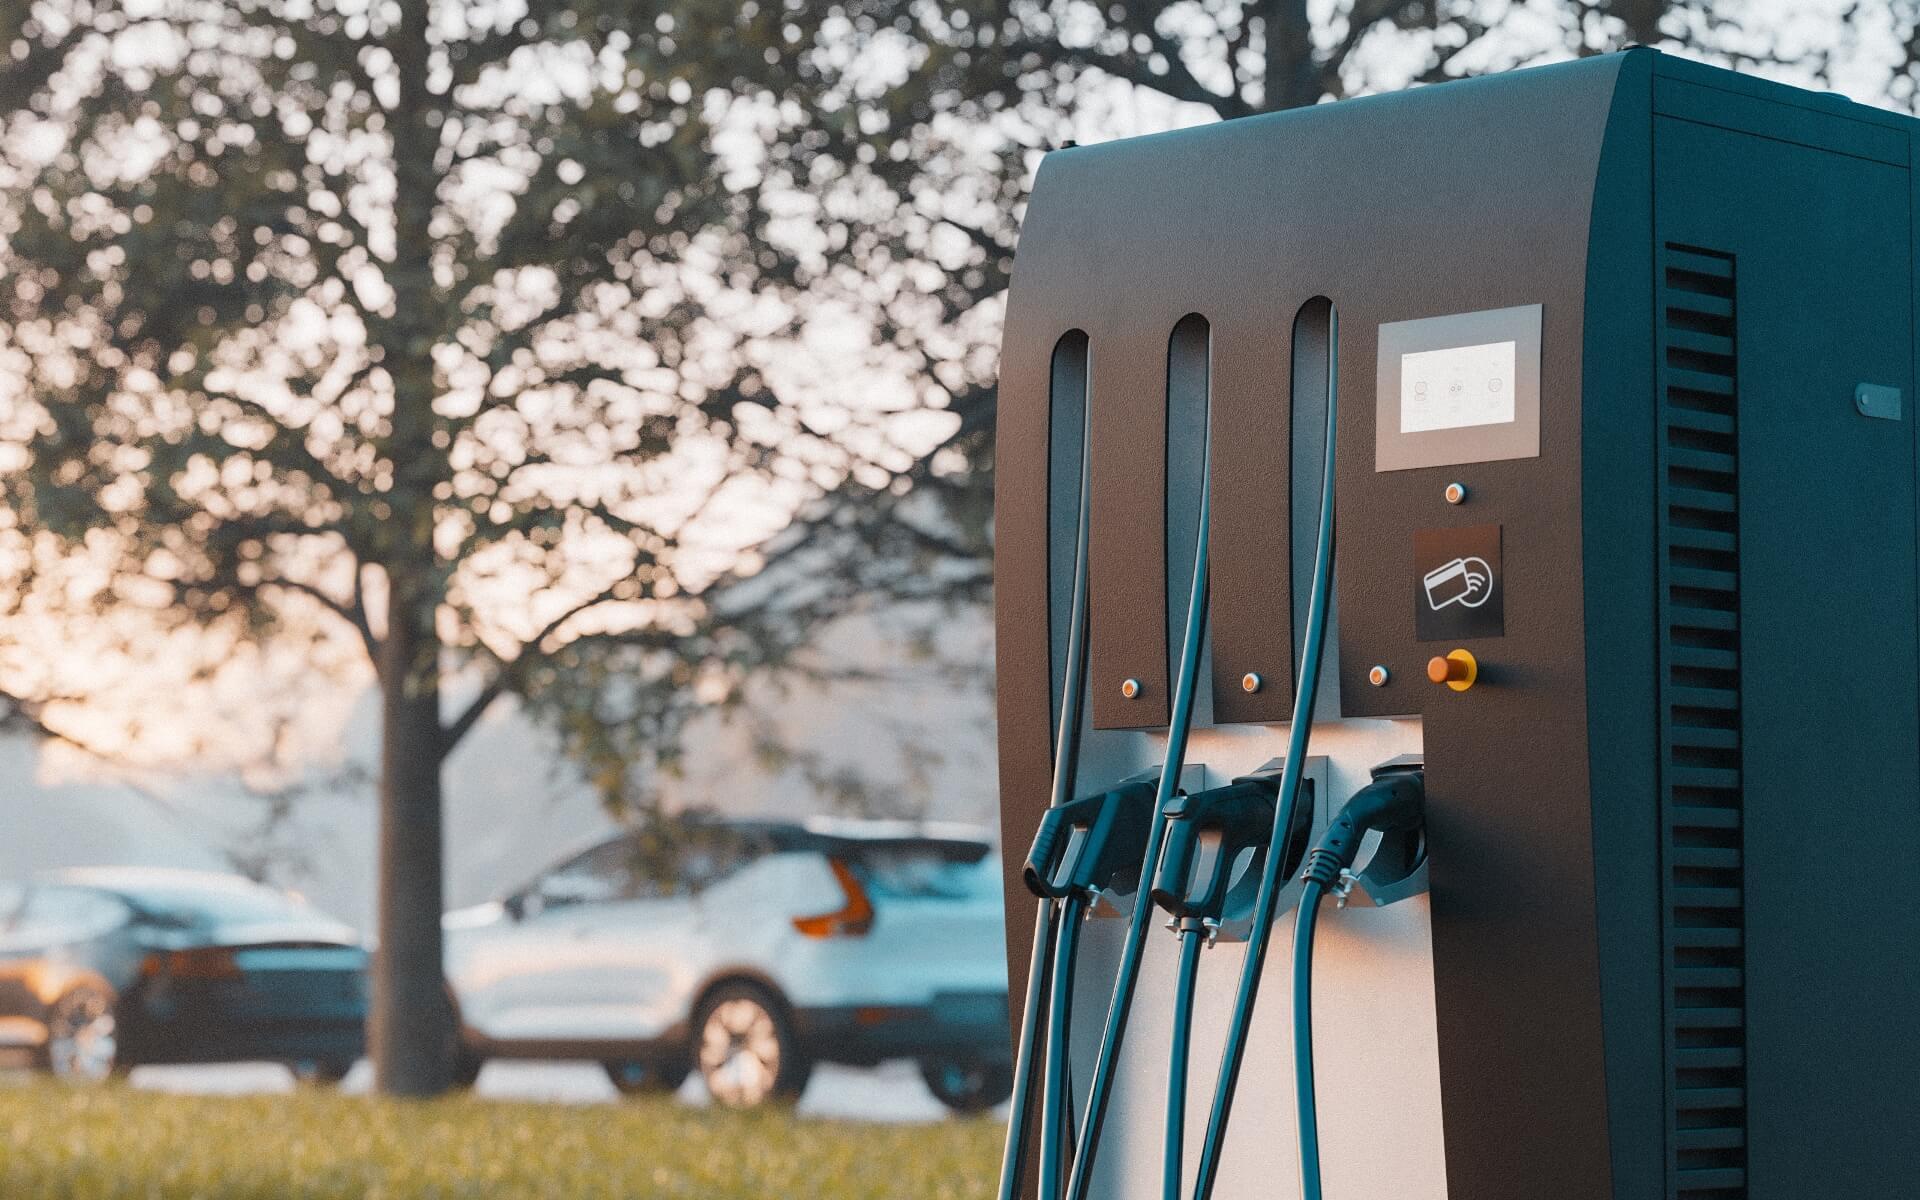 ePower wyłącznym irlandzkim partnerem Ekoenergetyki